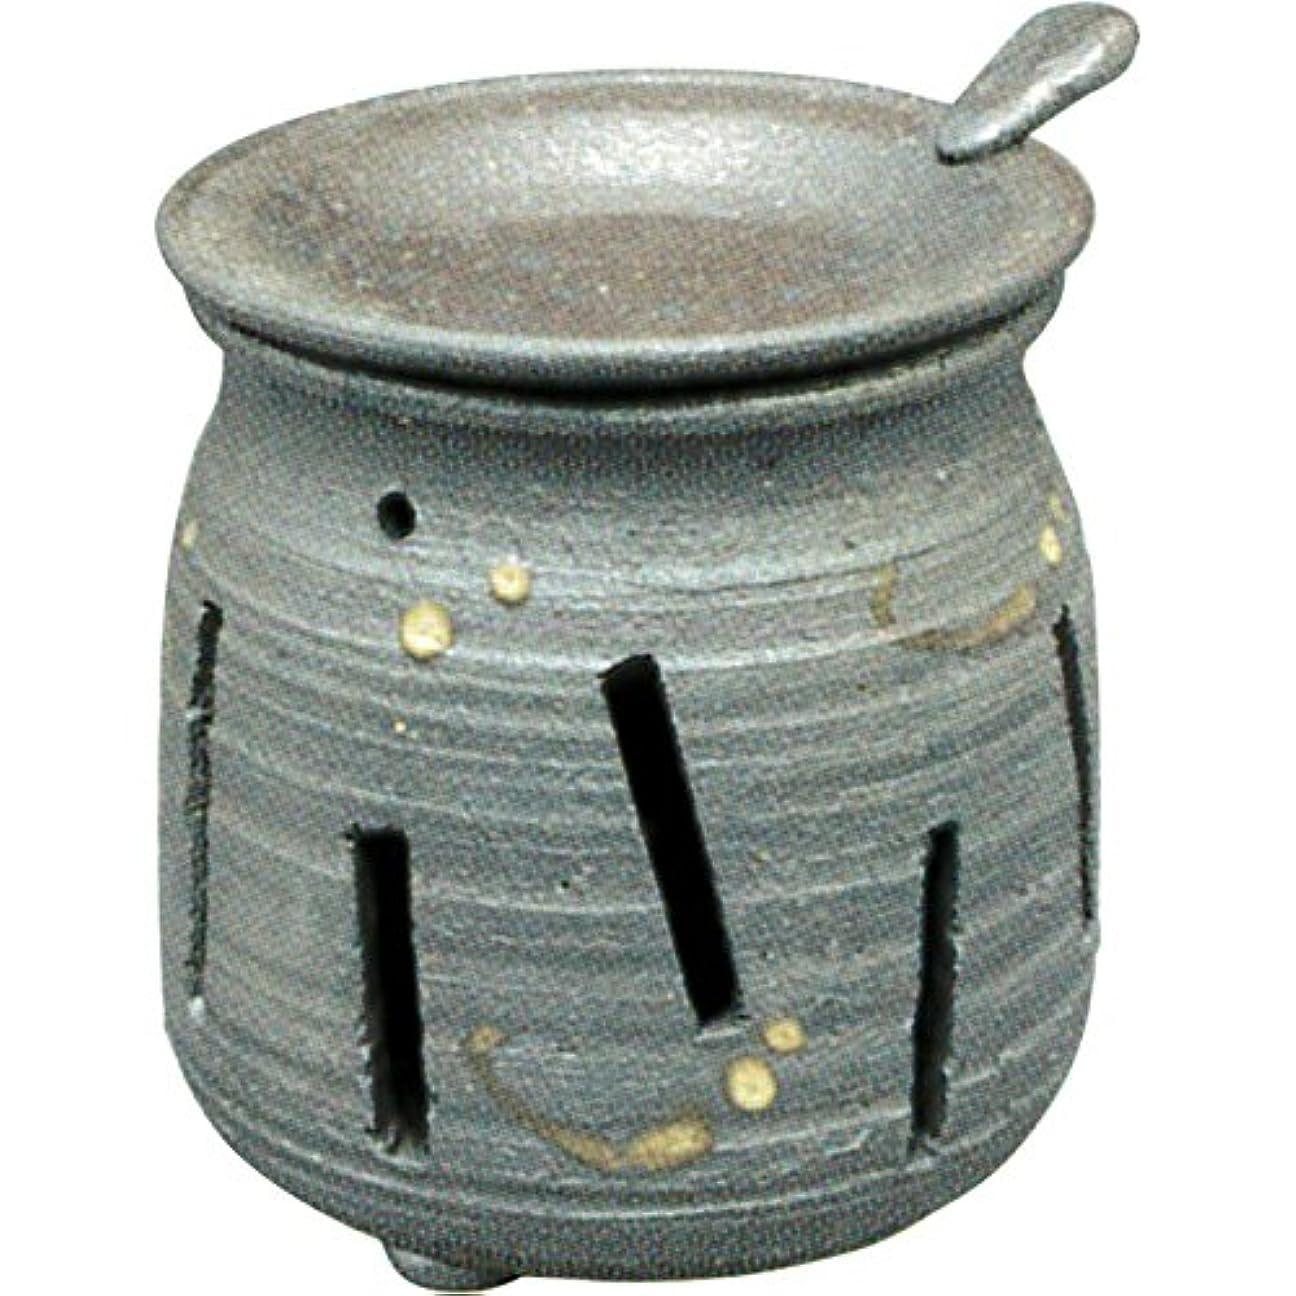 振る舞う布囲む茶香炉 : 常滑焼 焜清 茶香炉?エ38-07